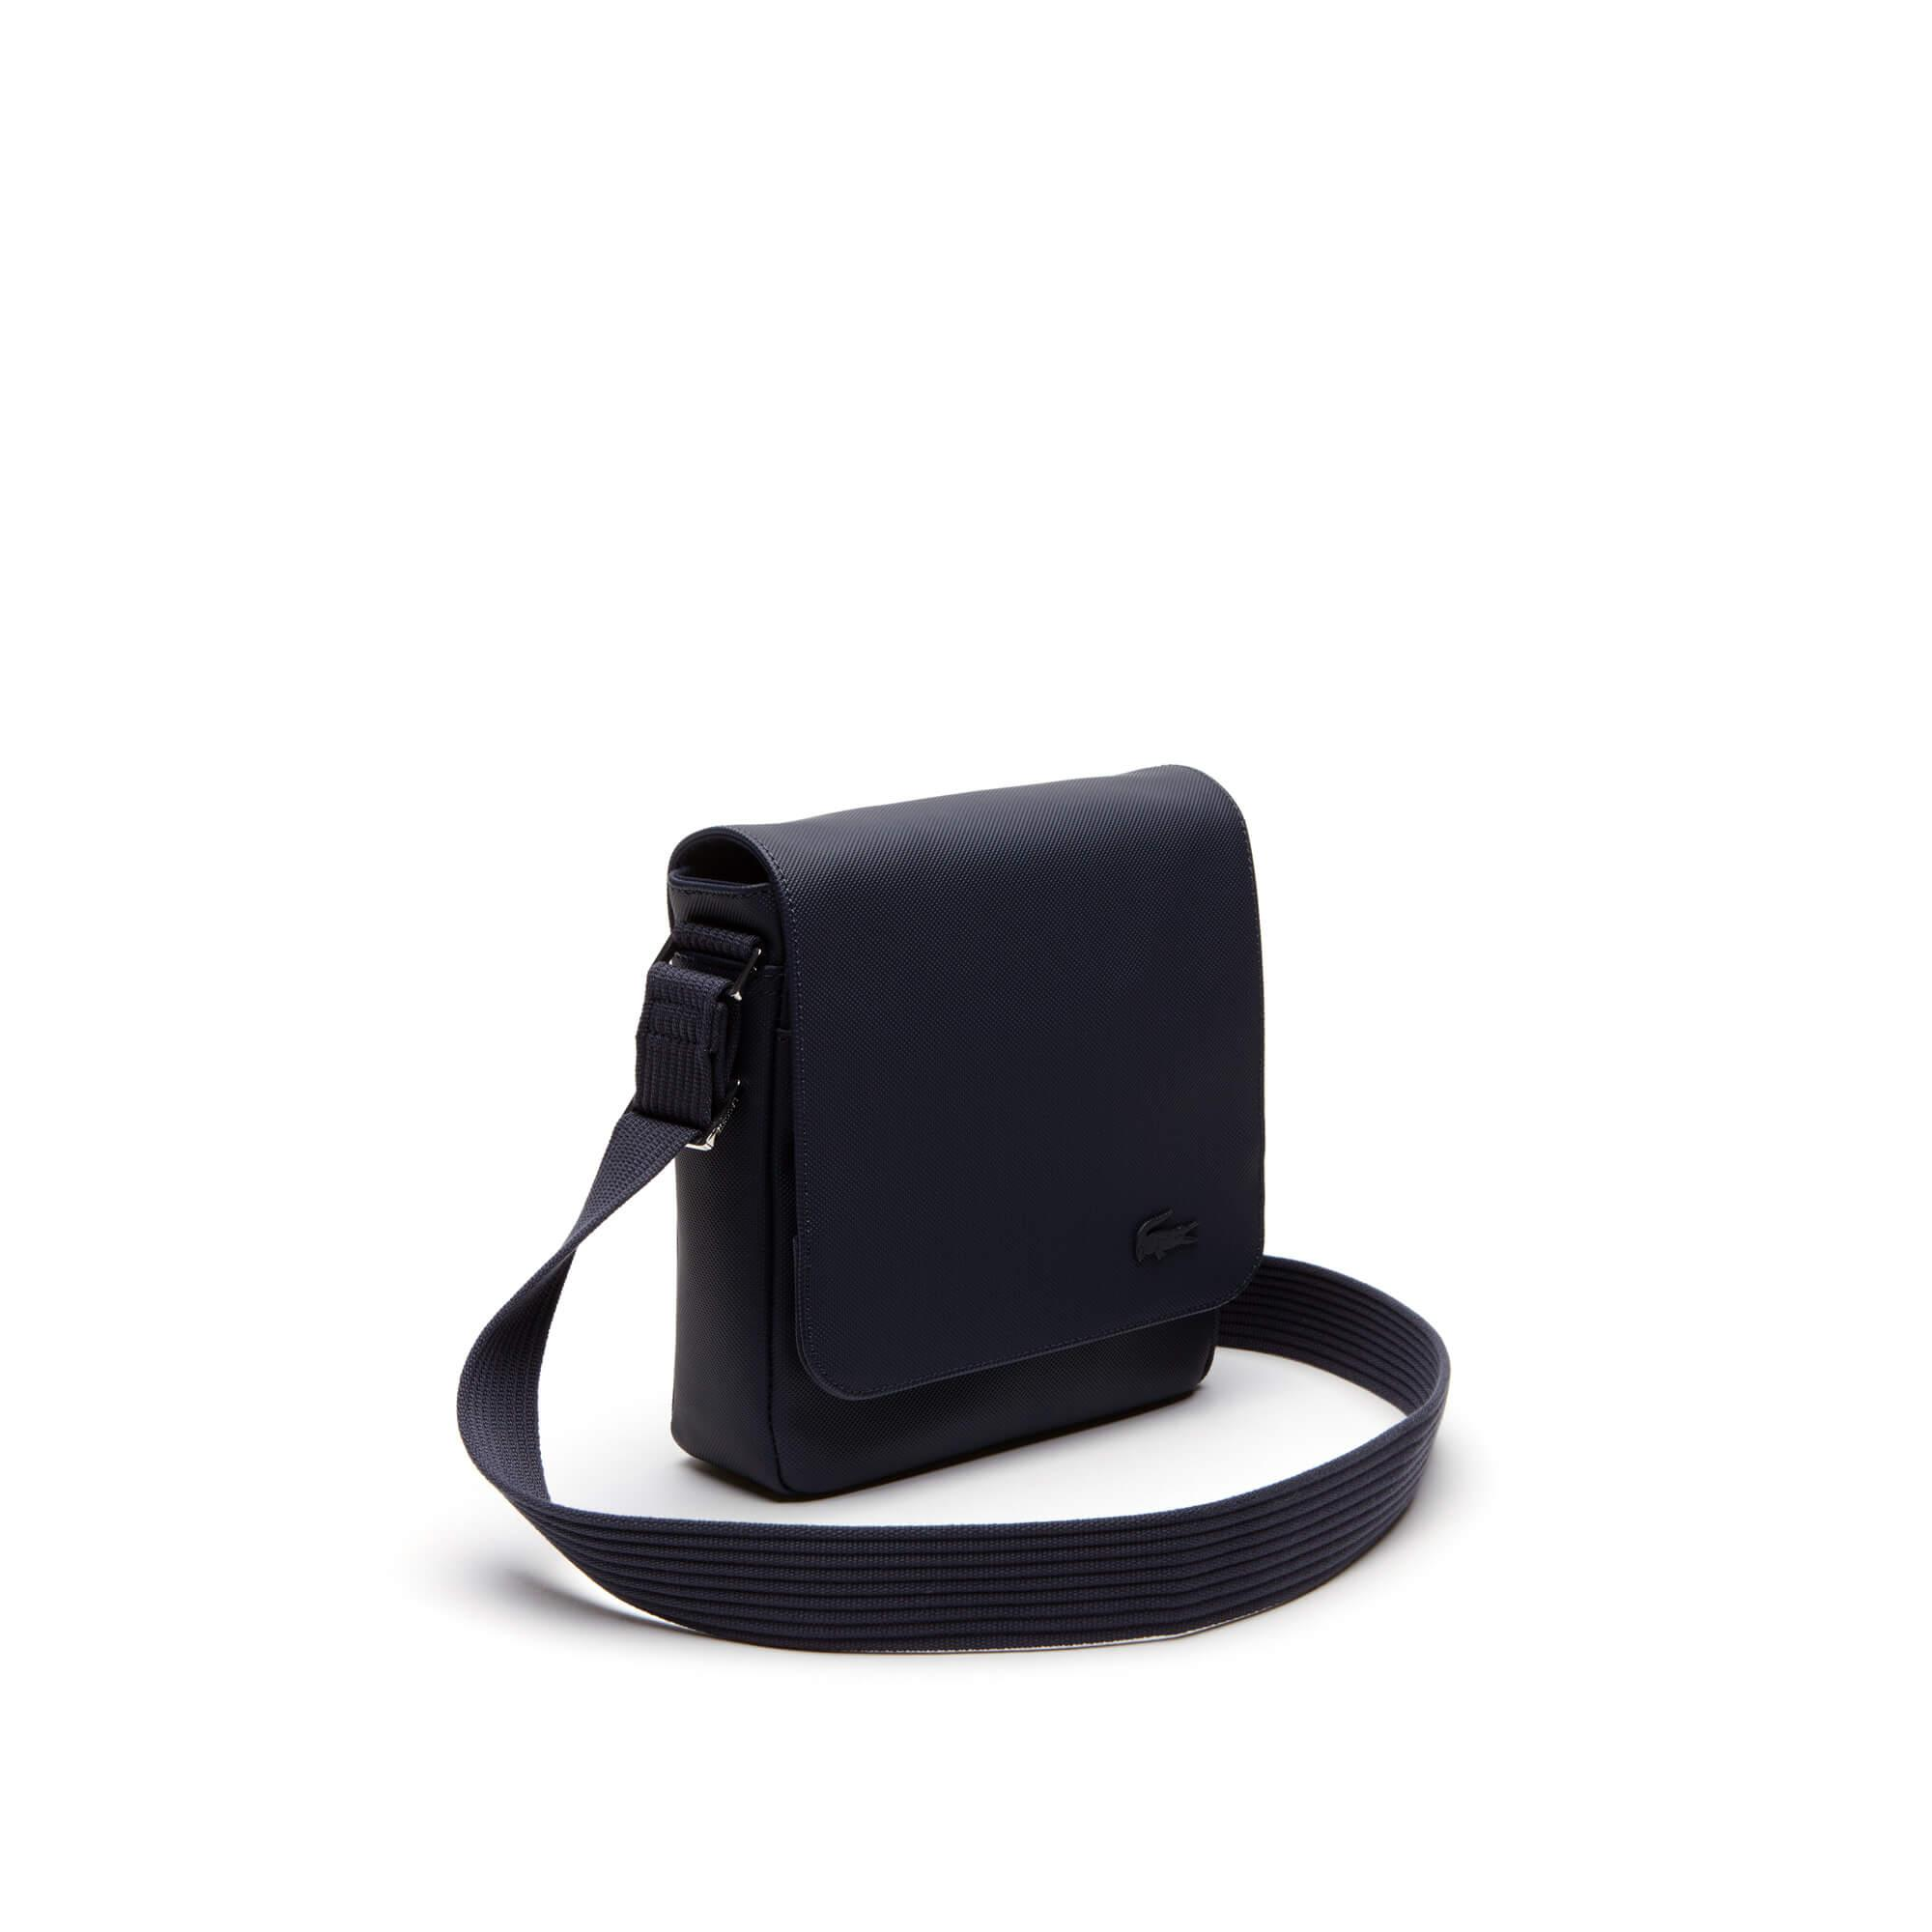 Lacoste Men's Classic Petit Piqué Flap Bag